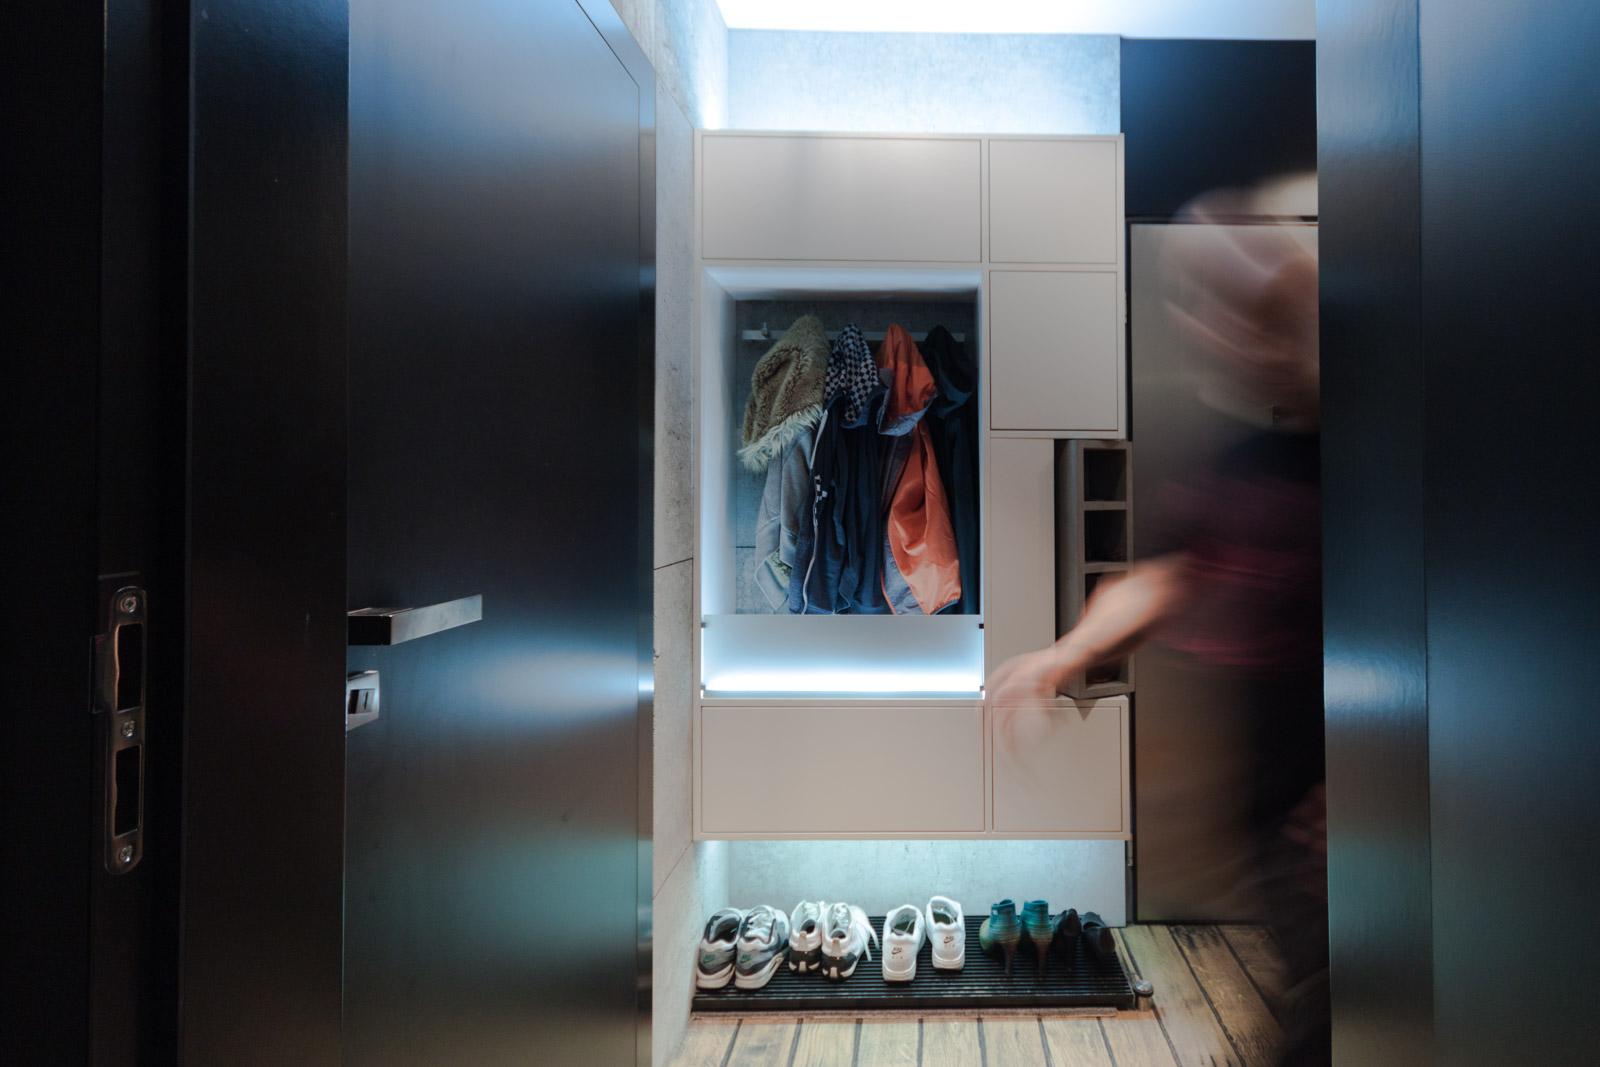 MJ Apartament singla mezczyzny20160321-_MG_7478 kamil konarski anna tasarz